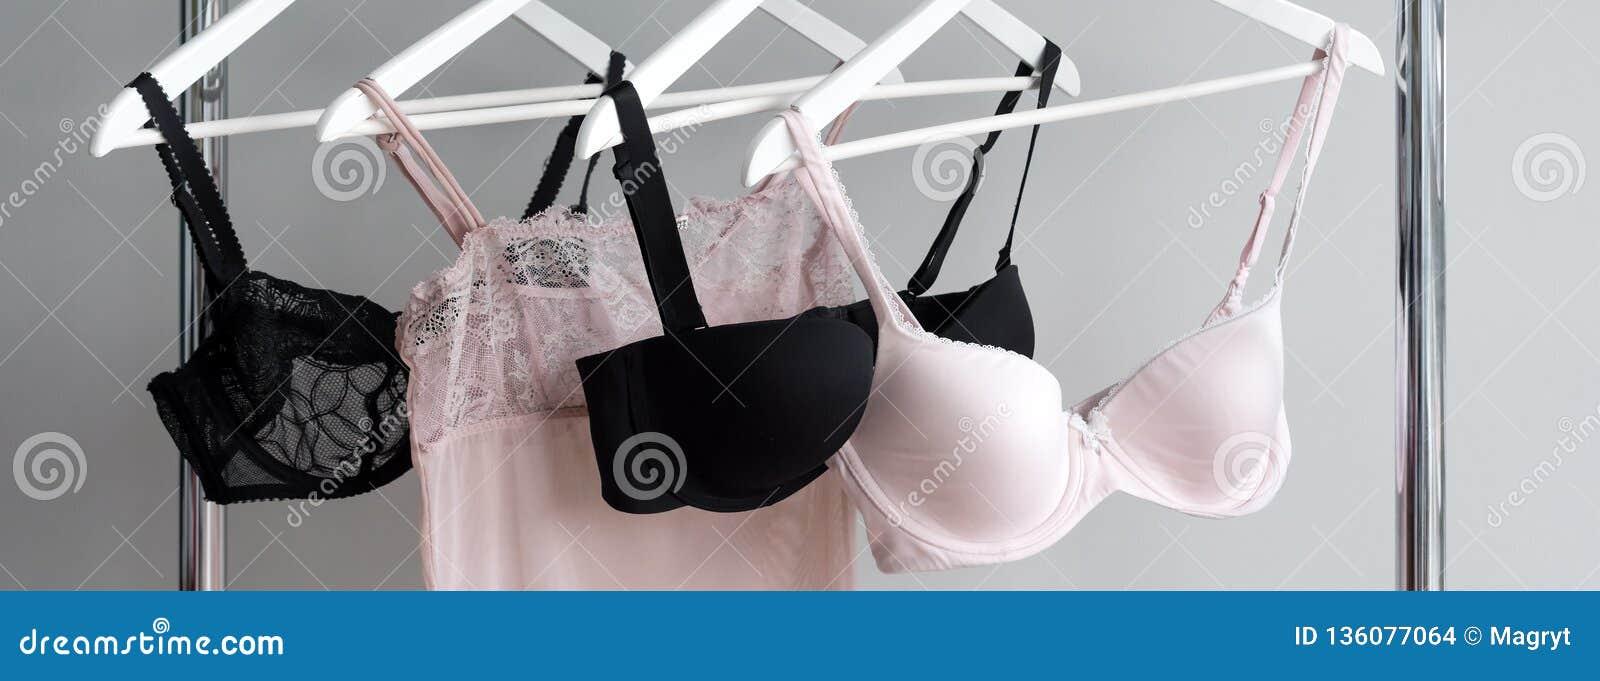 Vareity del sujetador que cuelga en una suspensión Materia textil, ropa interior Sujetador femenino en tienda de la ropa interior